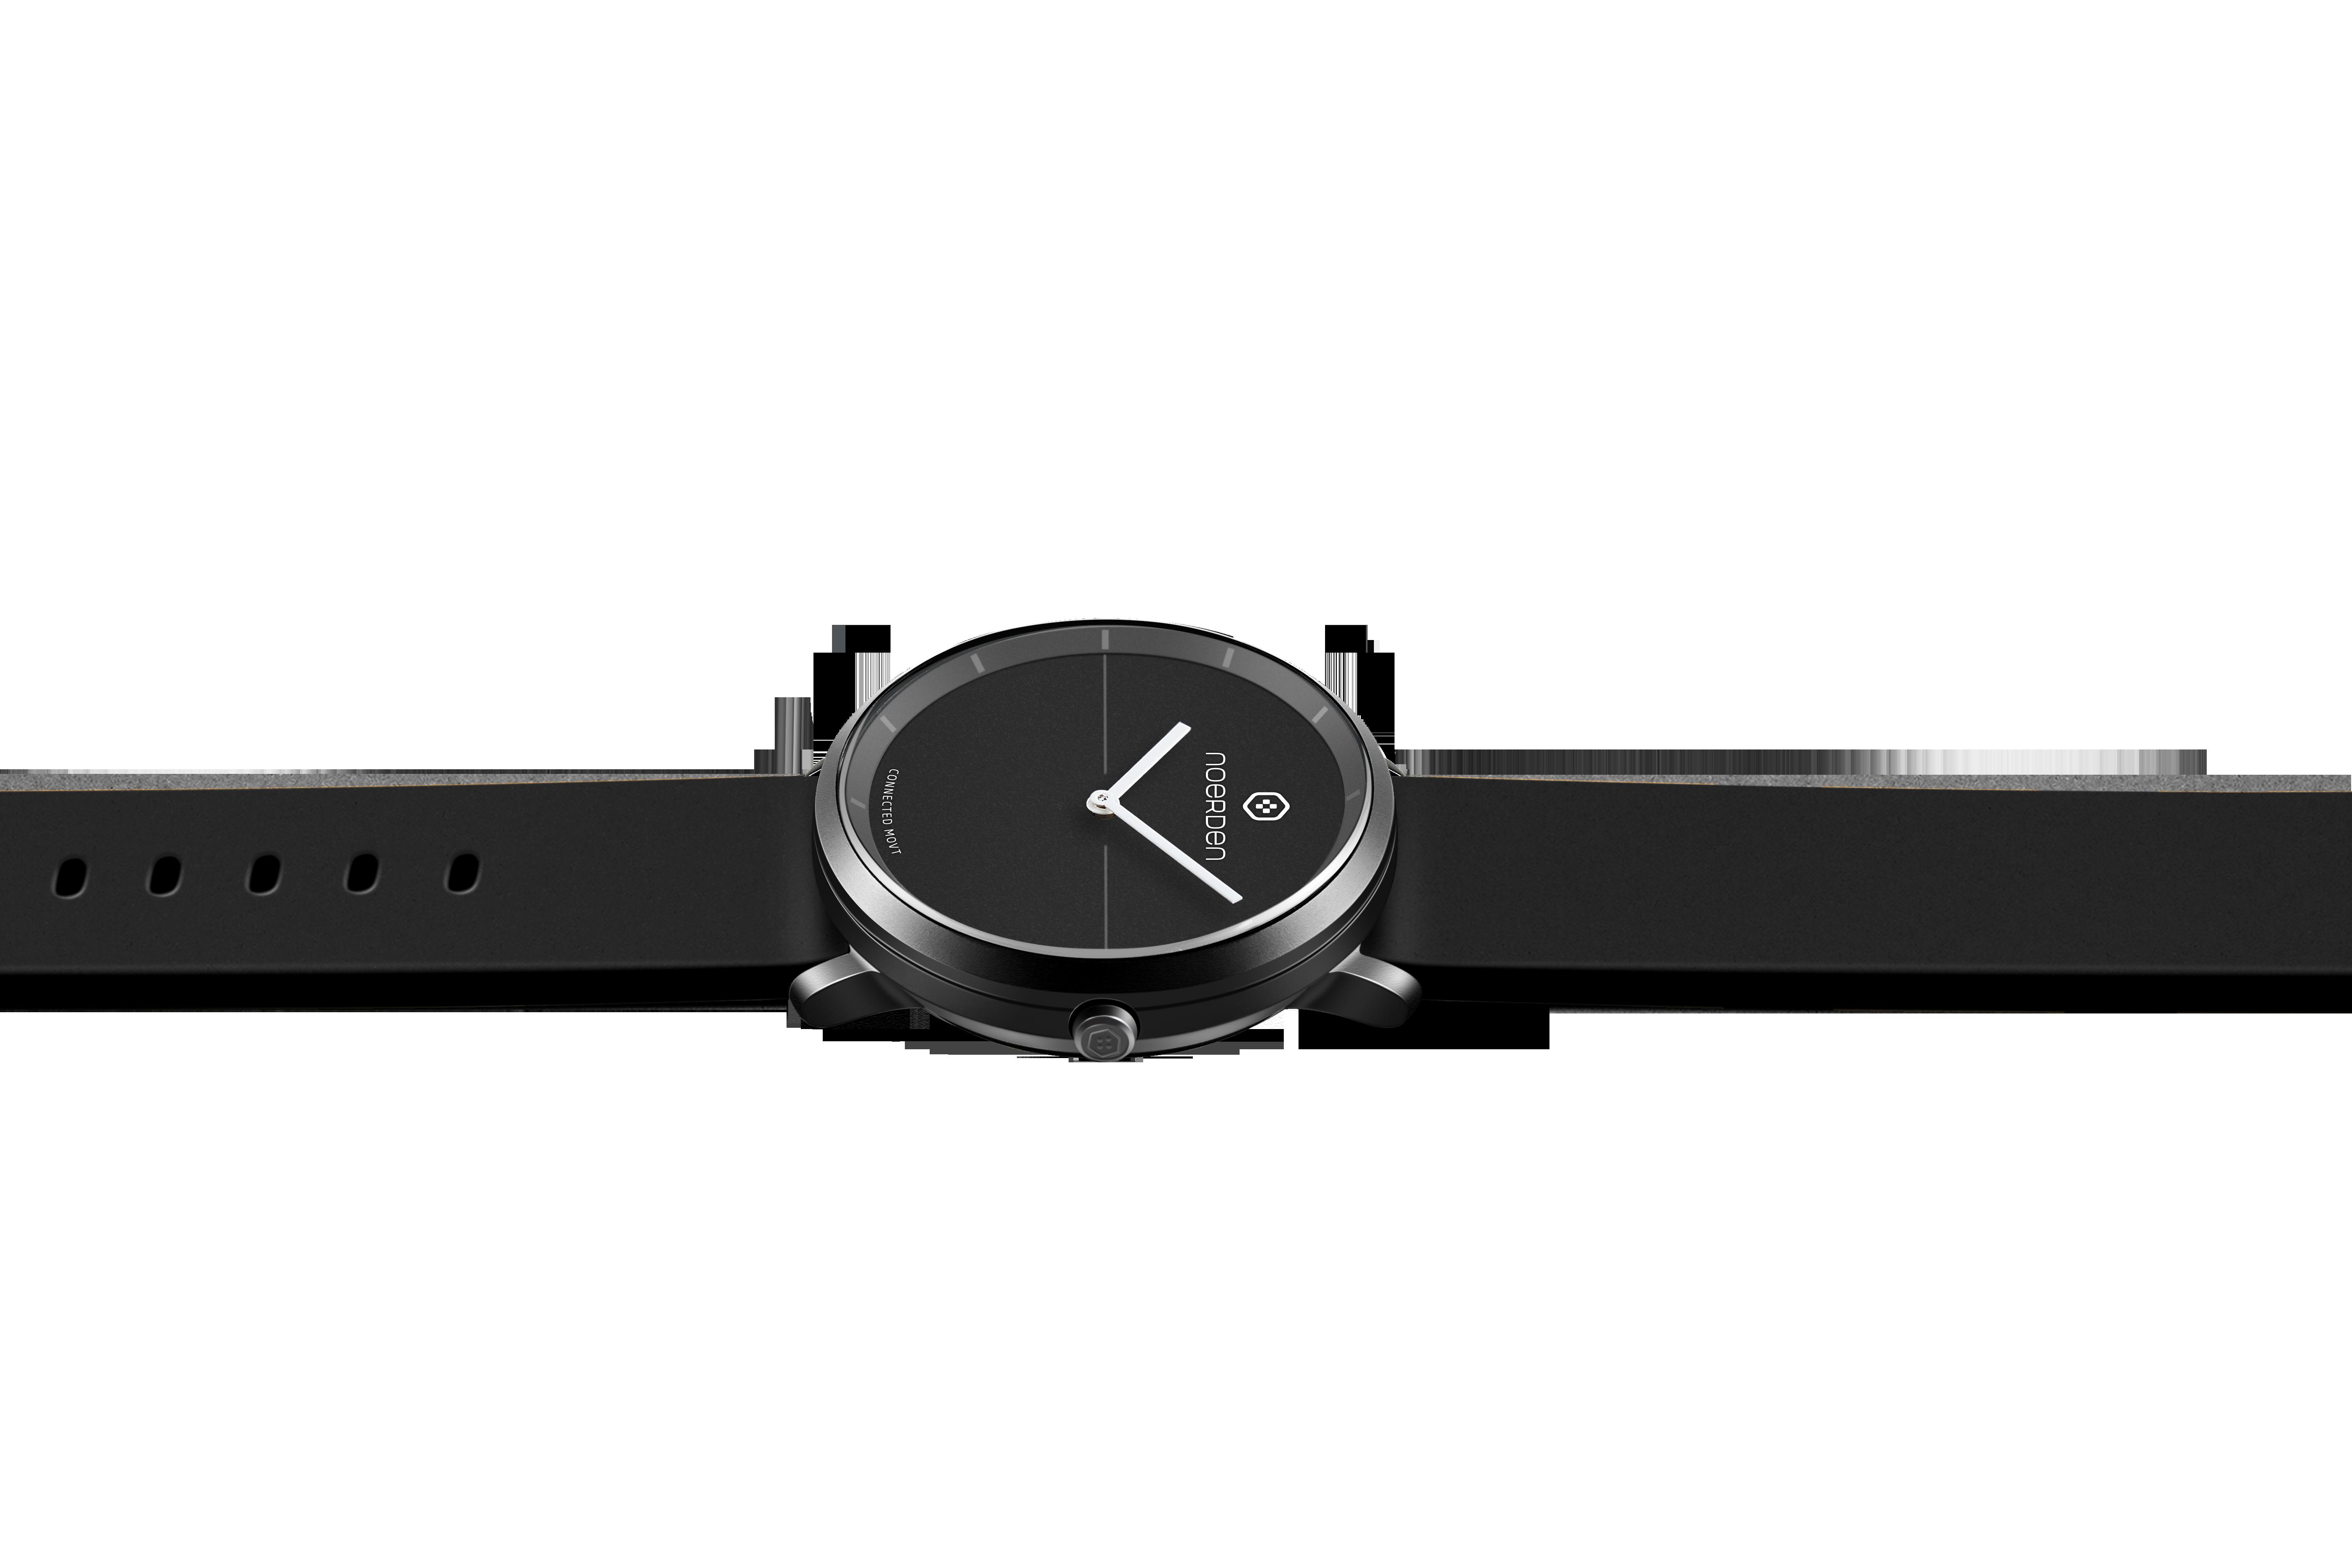 NOERDEN LIFE2 BLACK + dāvanā papildus siksniņa Viedais pulkstenis, smartwatch